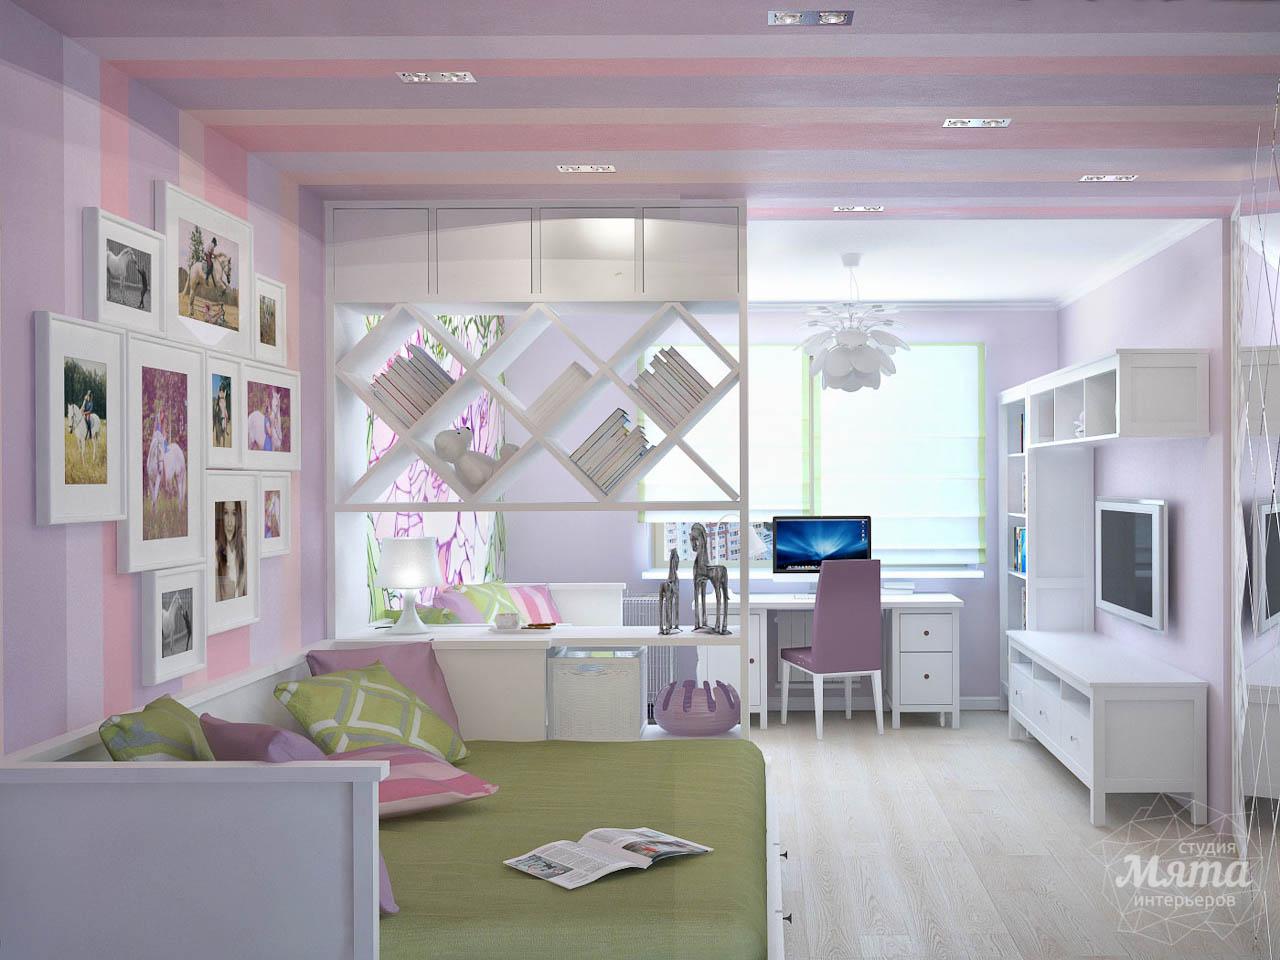 Дизайн интерьера и ремонт трехкомнатной квартиры по ул. Фучика 9 img309472093